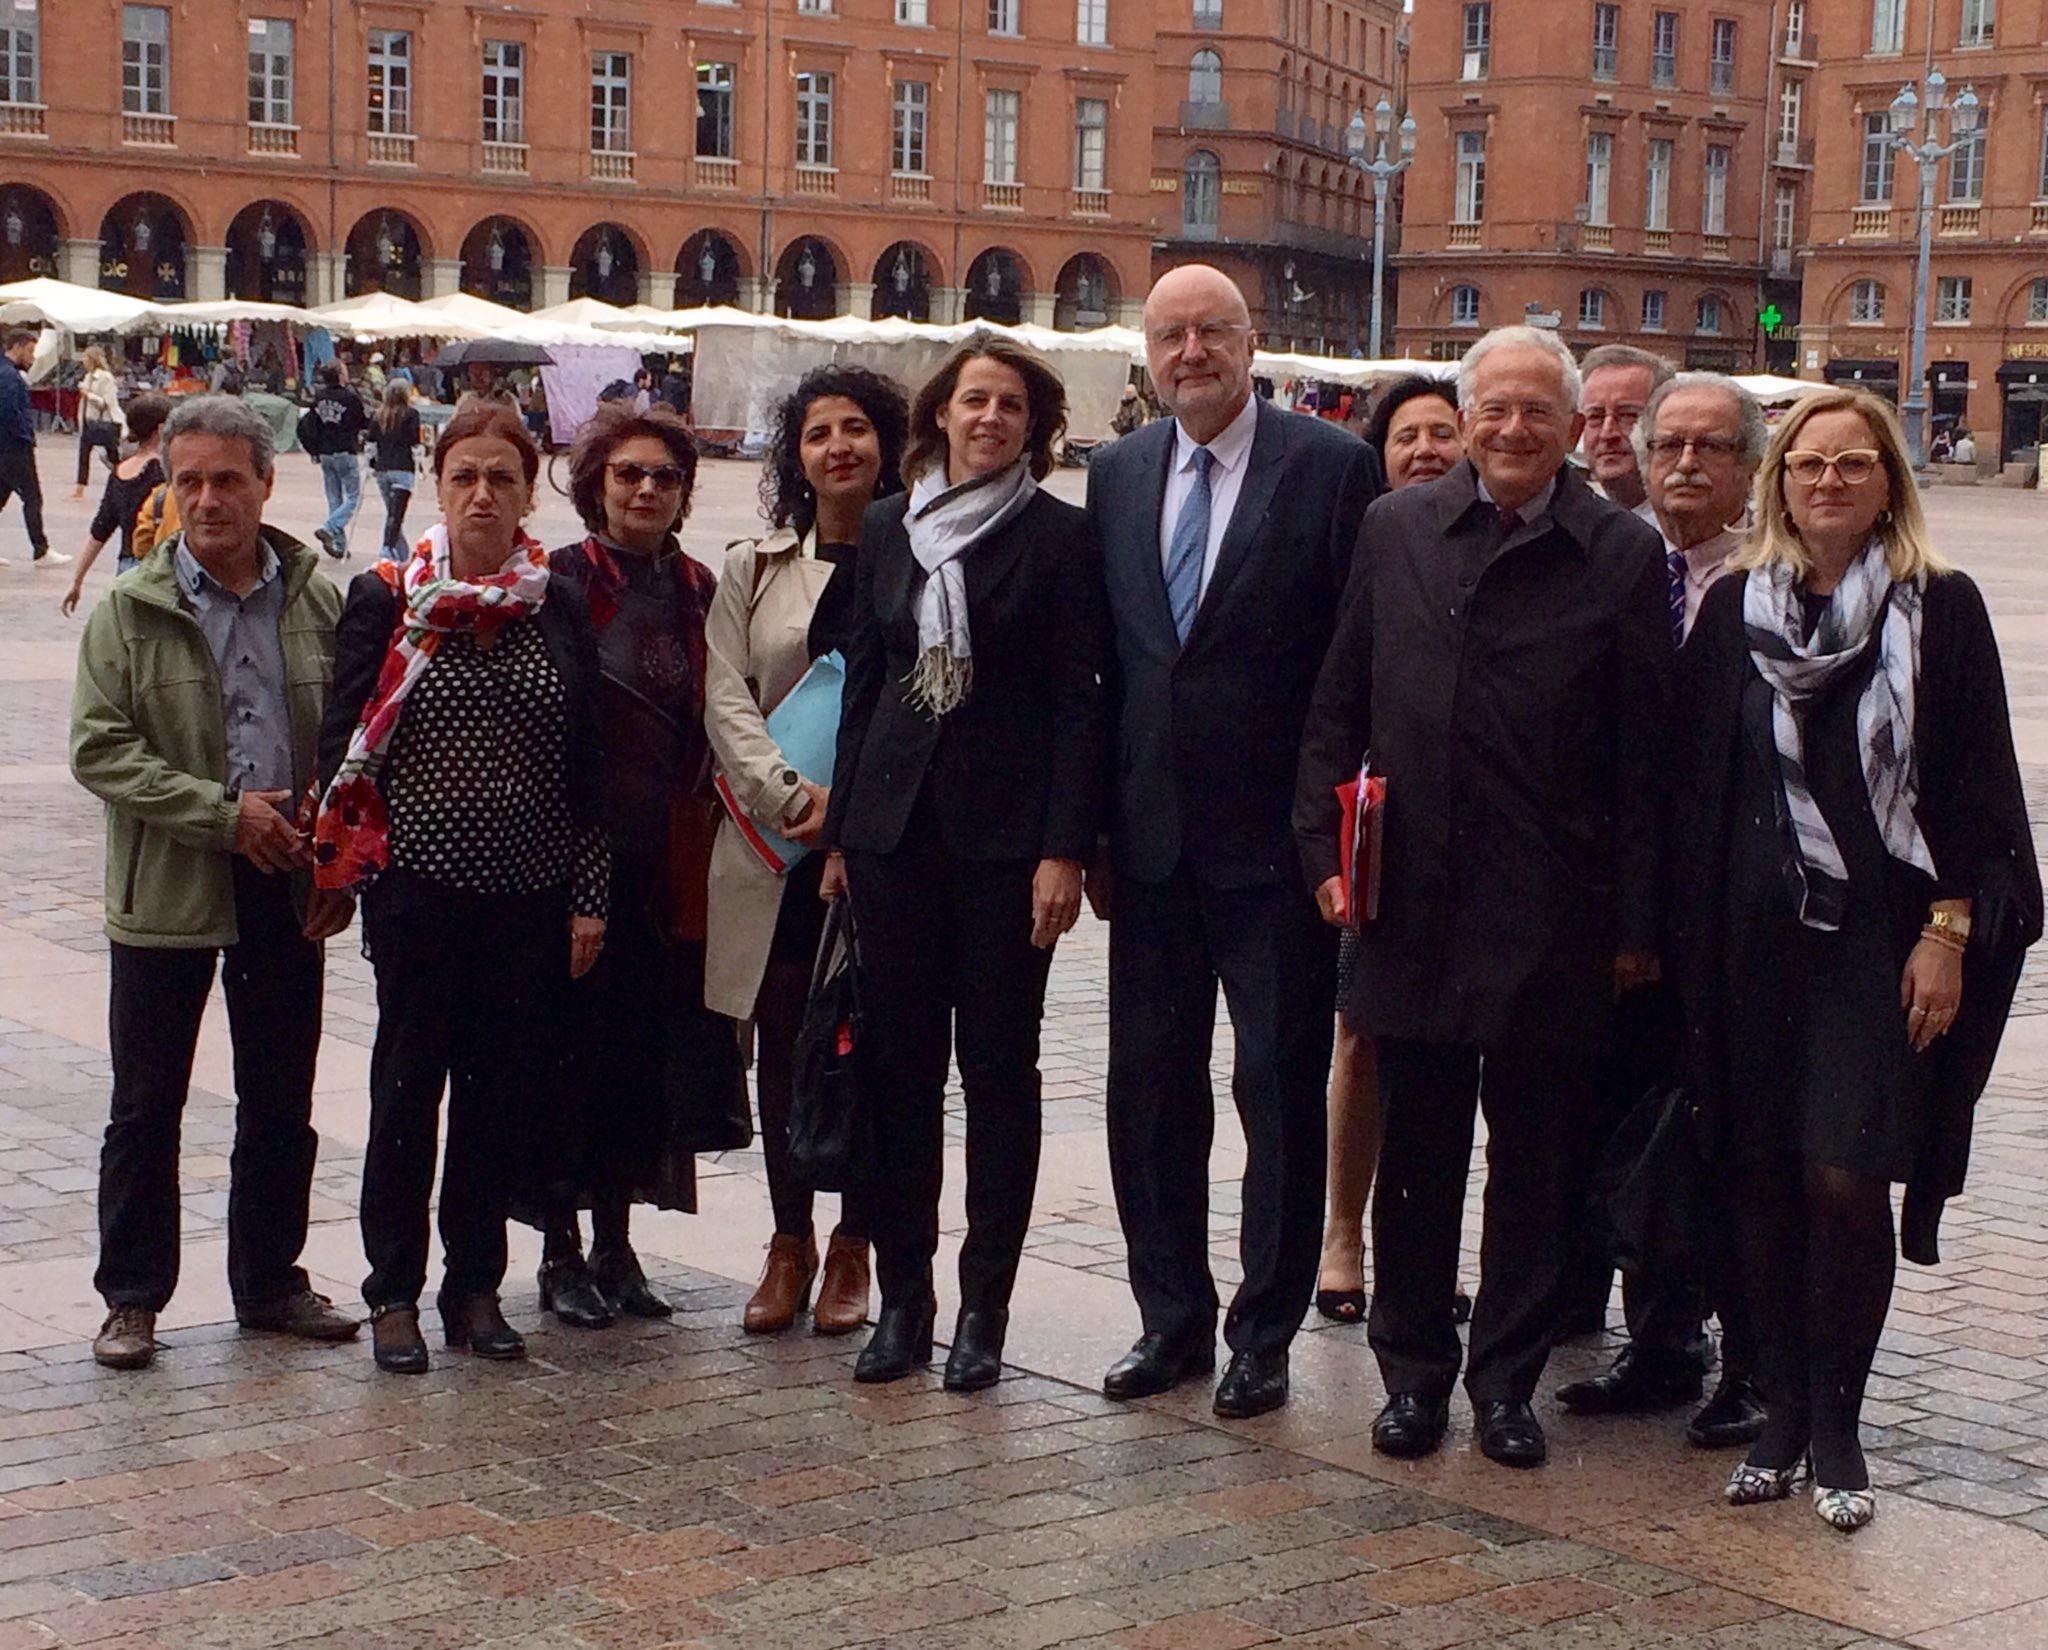 L'équipe du CTA de Toulouse avec Olivier Schrameck, préident du Conseil supérieur de l'audiovisuel